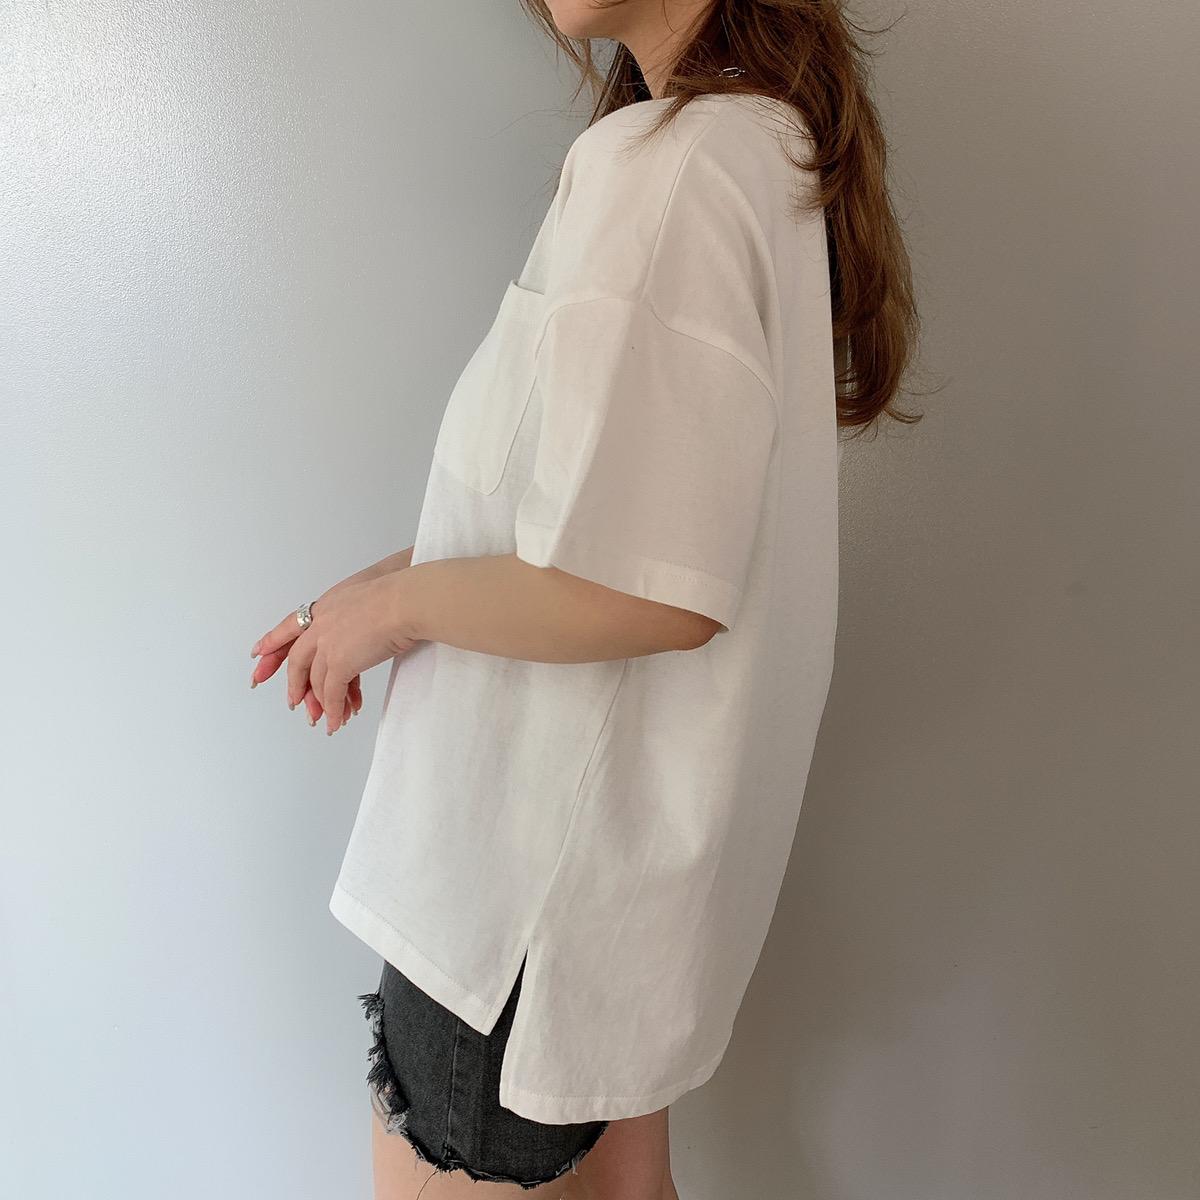 【3/29再入荷】USAコットンUネックTシャツ